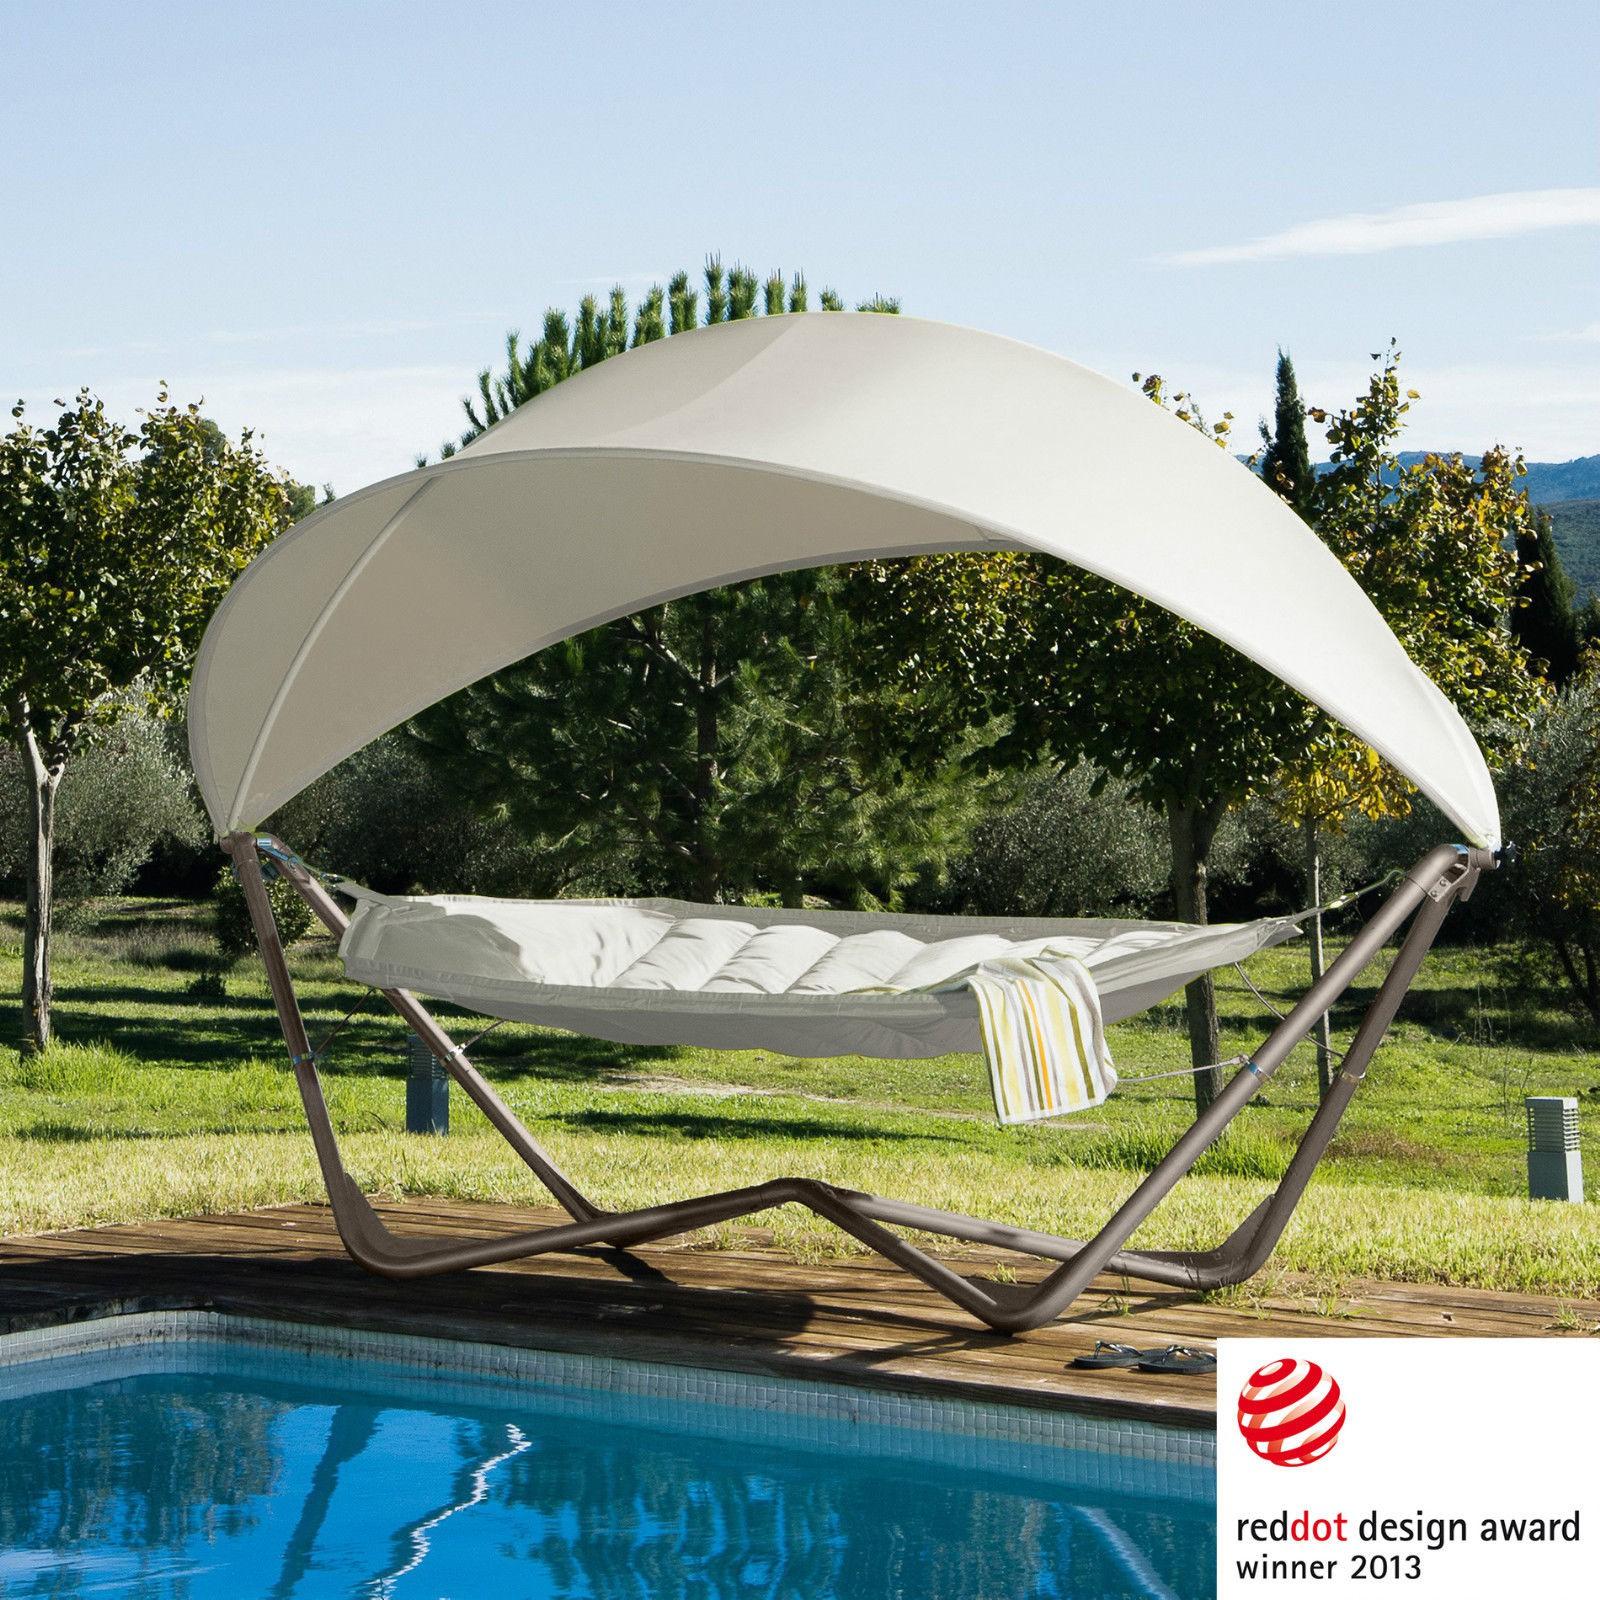 h ngematte mit sonnenschutz in wei haus und garten garten sonnenschutz h ngematte. Black Bedroom Furniture Sets. Home Design Ideas